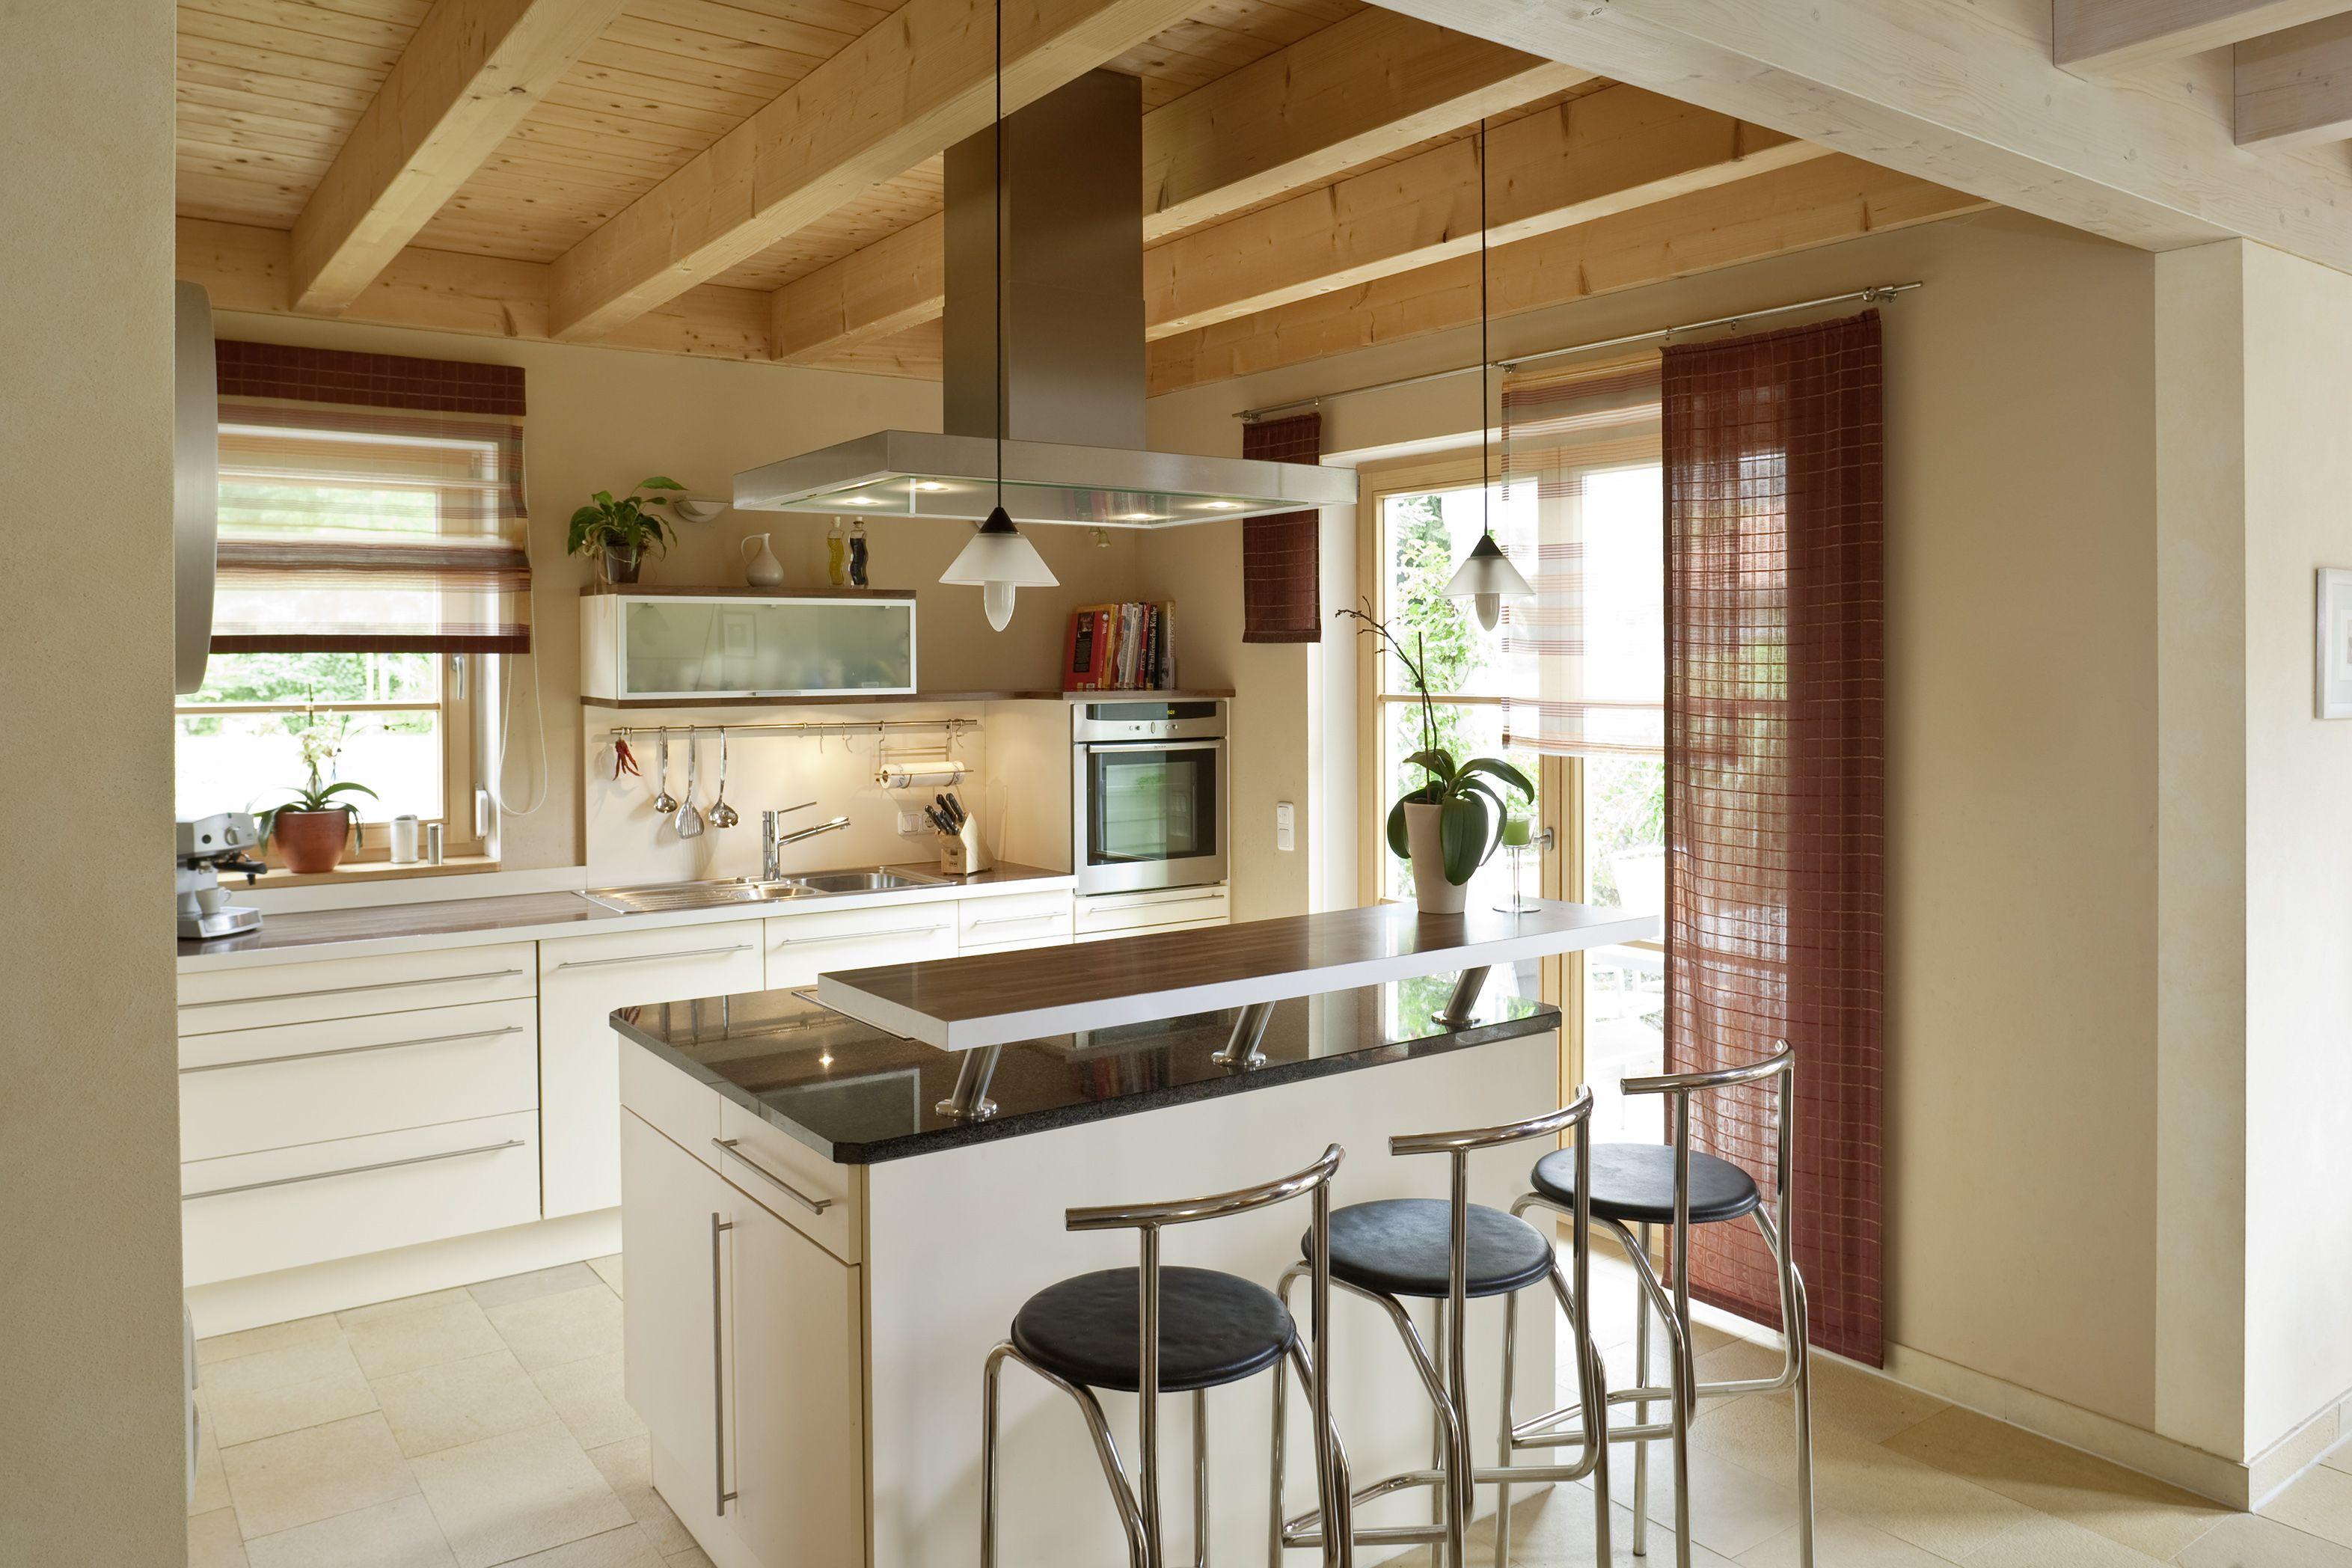 Offene Küchen Mit Tresen offene küche mit sichtdecke holzhaus holz hell offen tresen